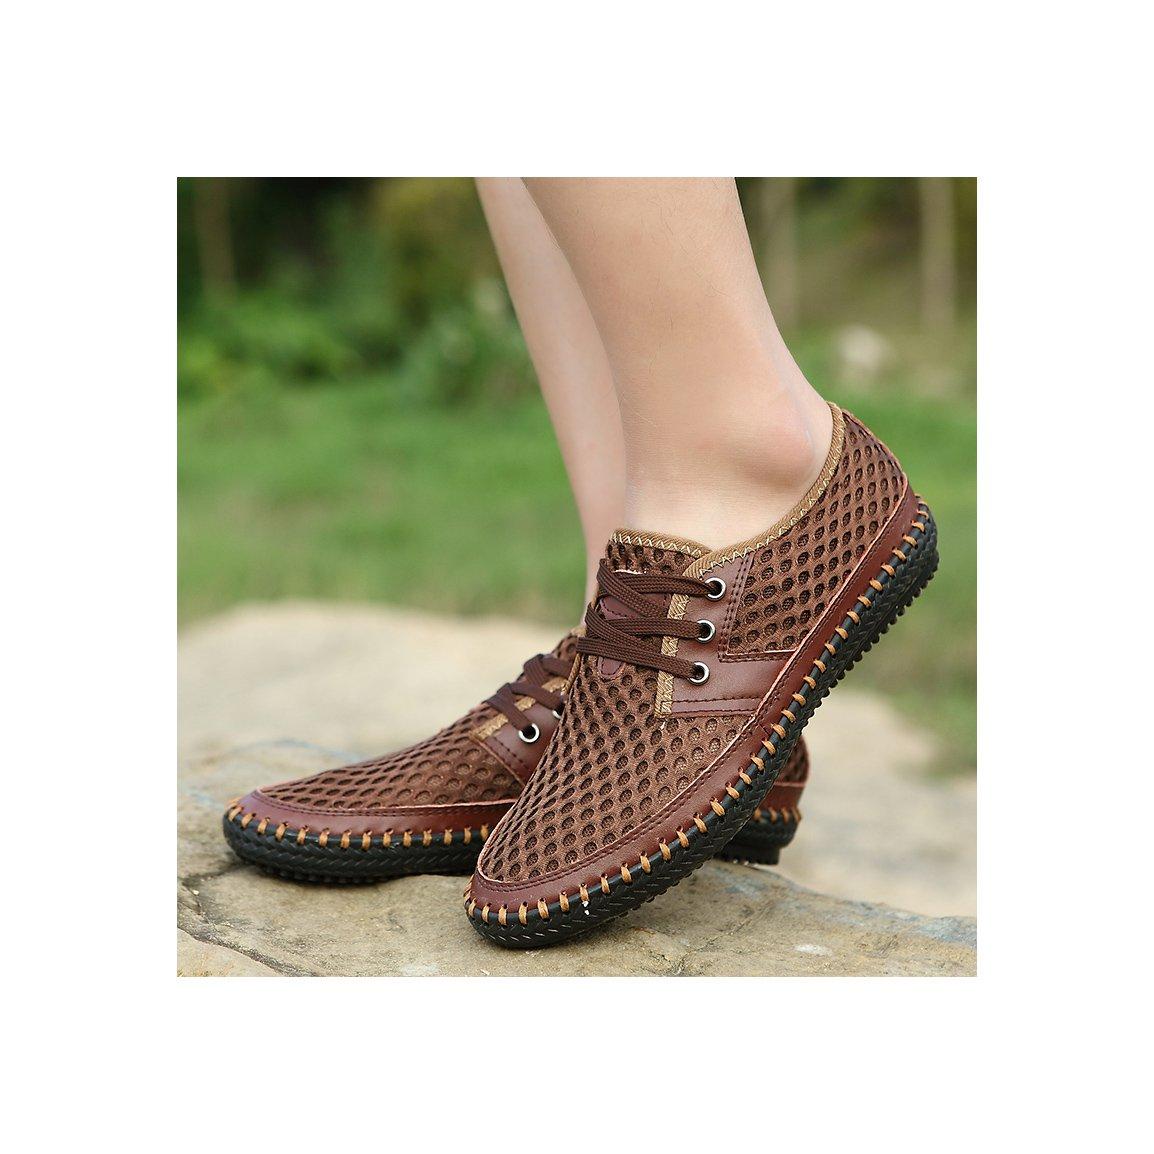 MOHEM Men's Poseidon Casual Water Shoes Mesh Walking Quick Drying Hiking Shoes